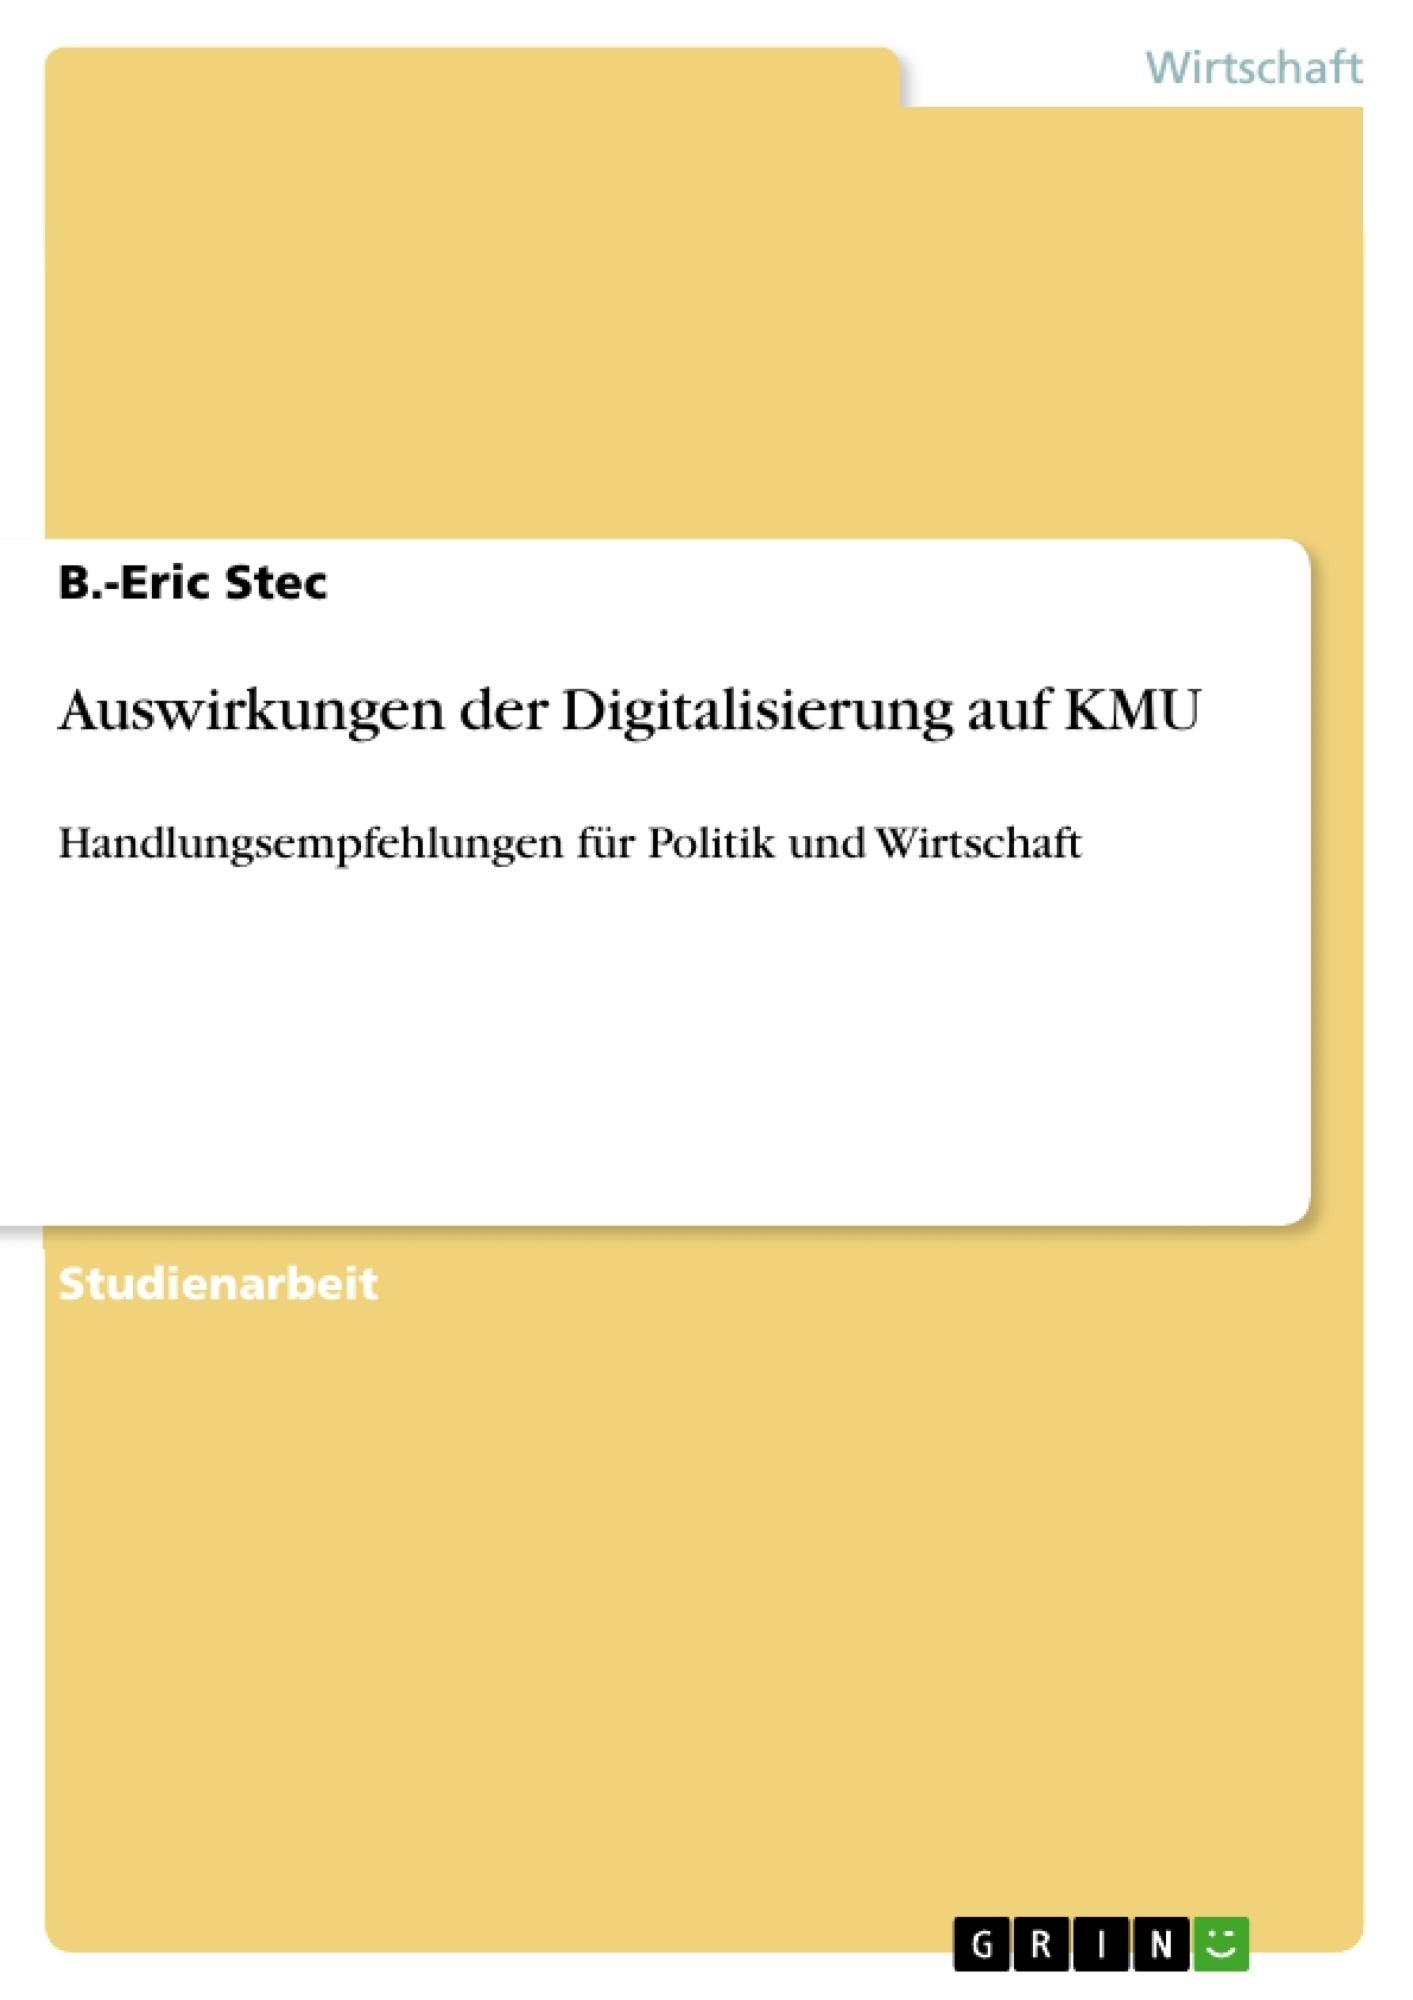 Titel: Auswirkungen der Digitalisierung auf KMU